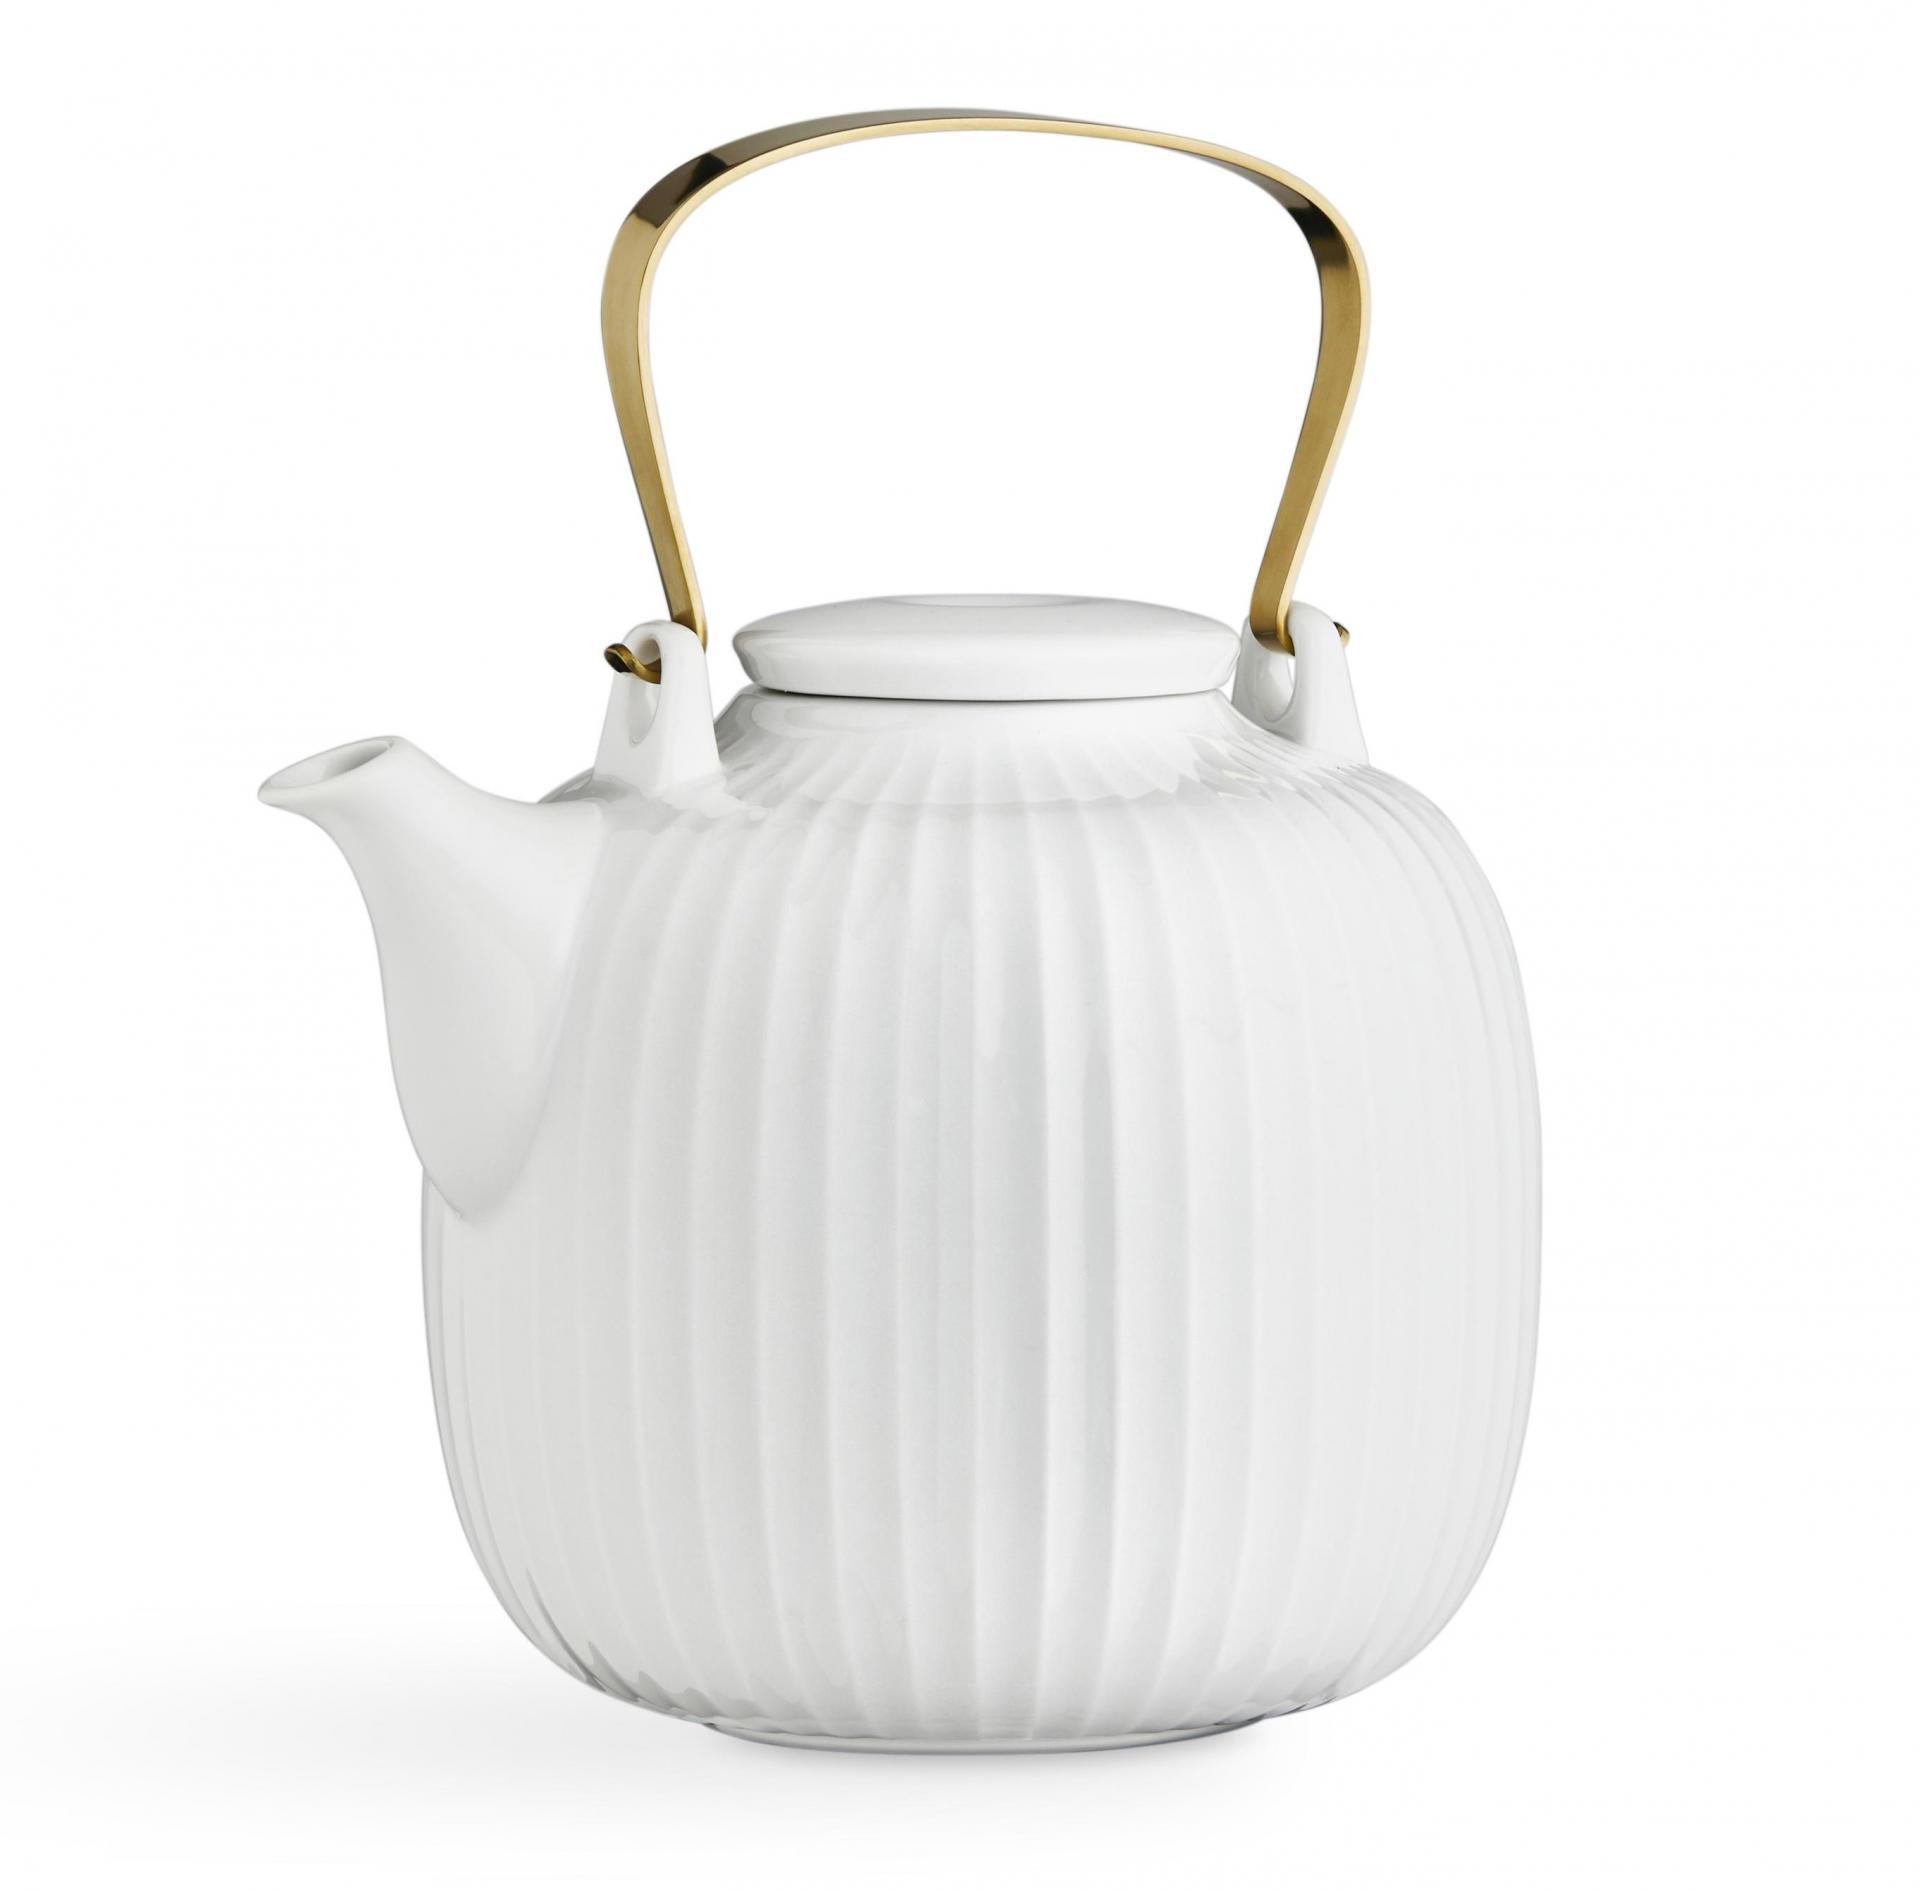 KÄHLER Porcelánová čajová konvice Hammershøi White, bílá barva, zlatá barva, porcelán